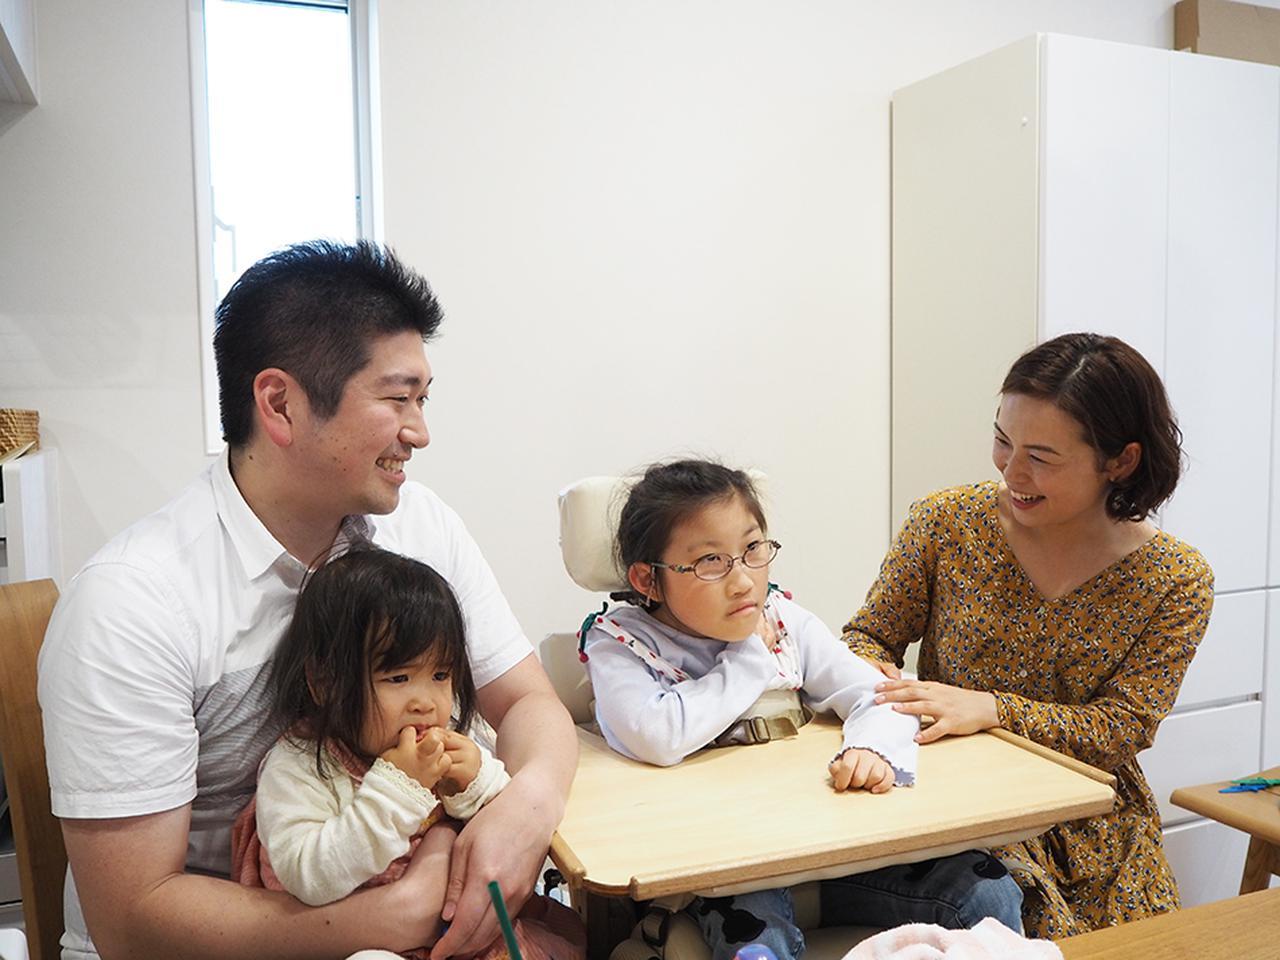 画像: 取材中も元気いっぱいの佐藤さん親子